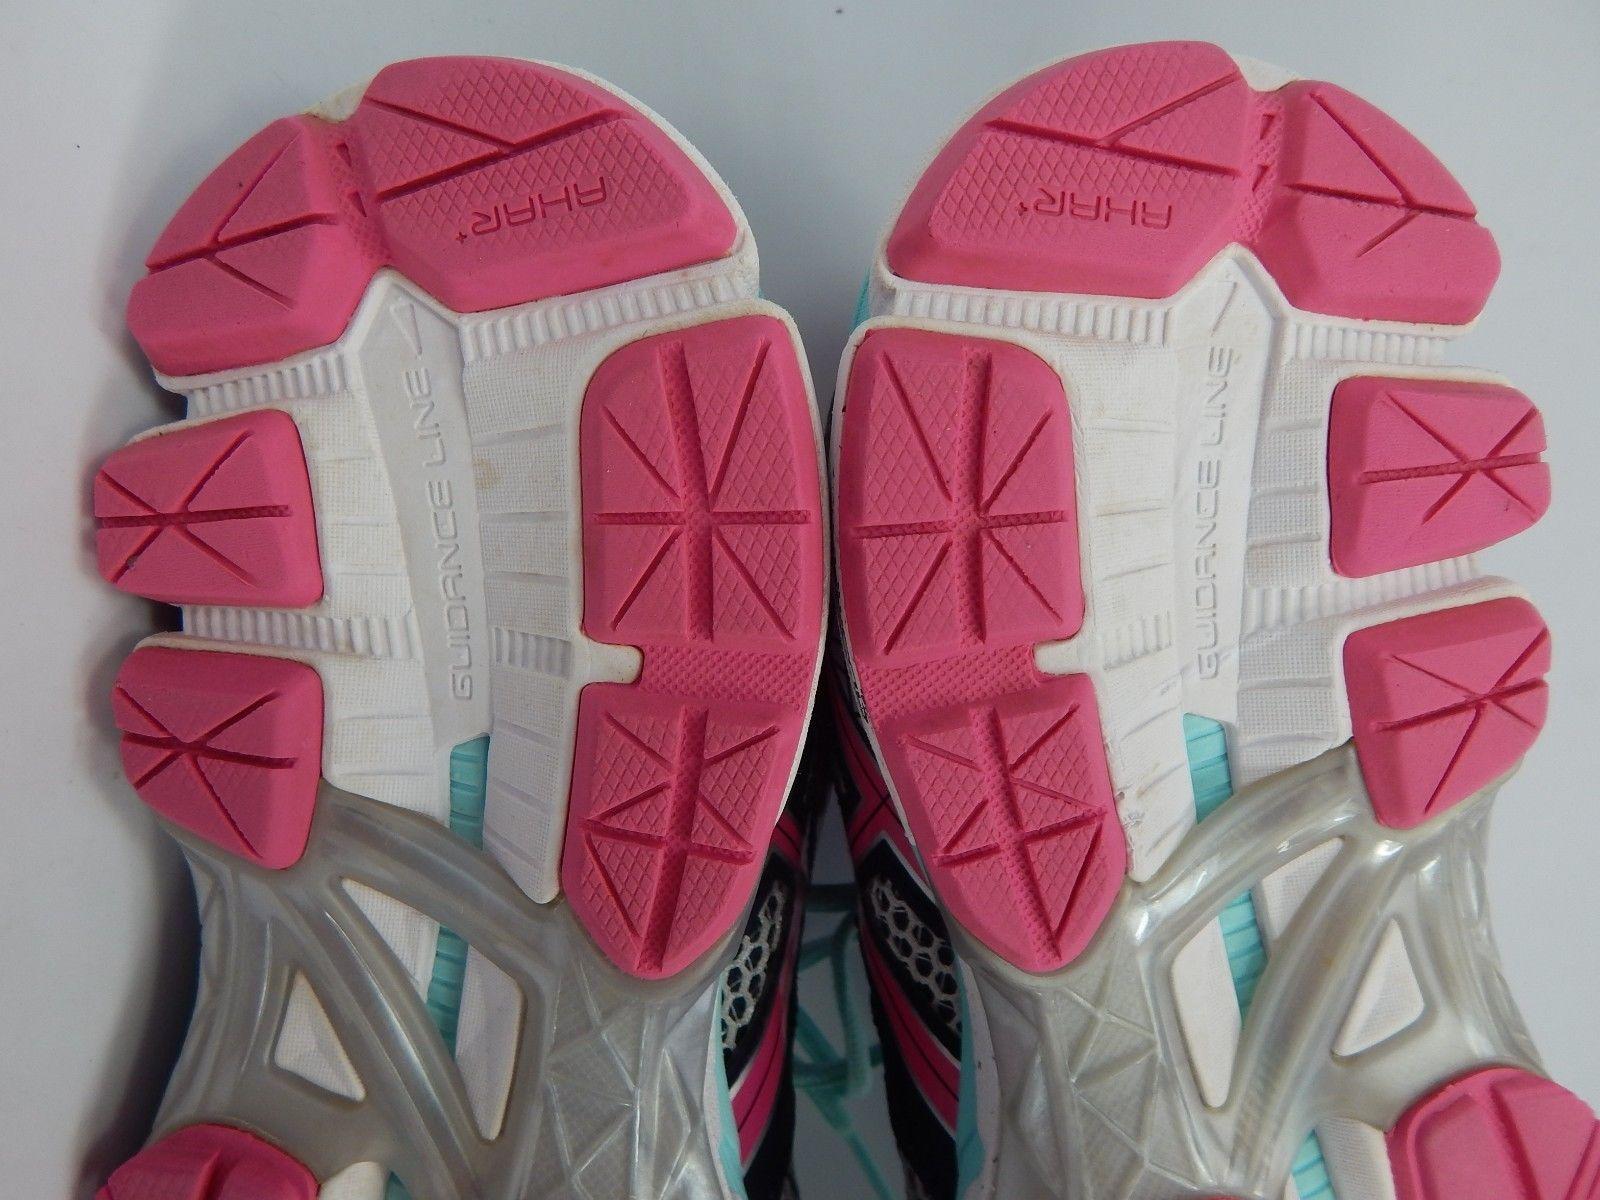 Asics GT 2000 v 3 Size 7.5 M (B) EU 39 Women's Running Shoes Gray Pink T550N